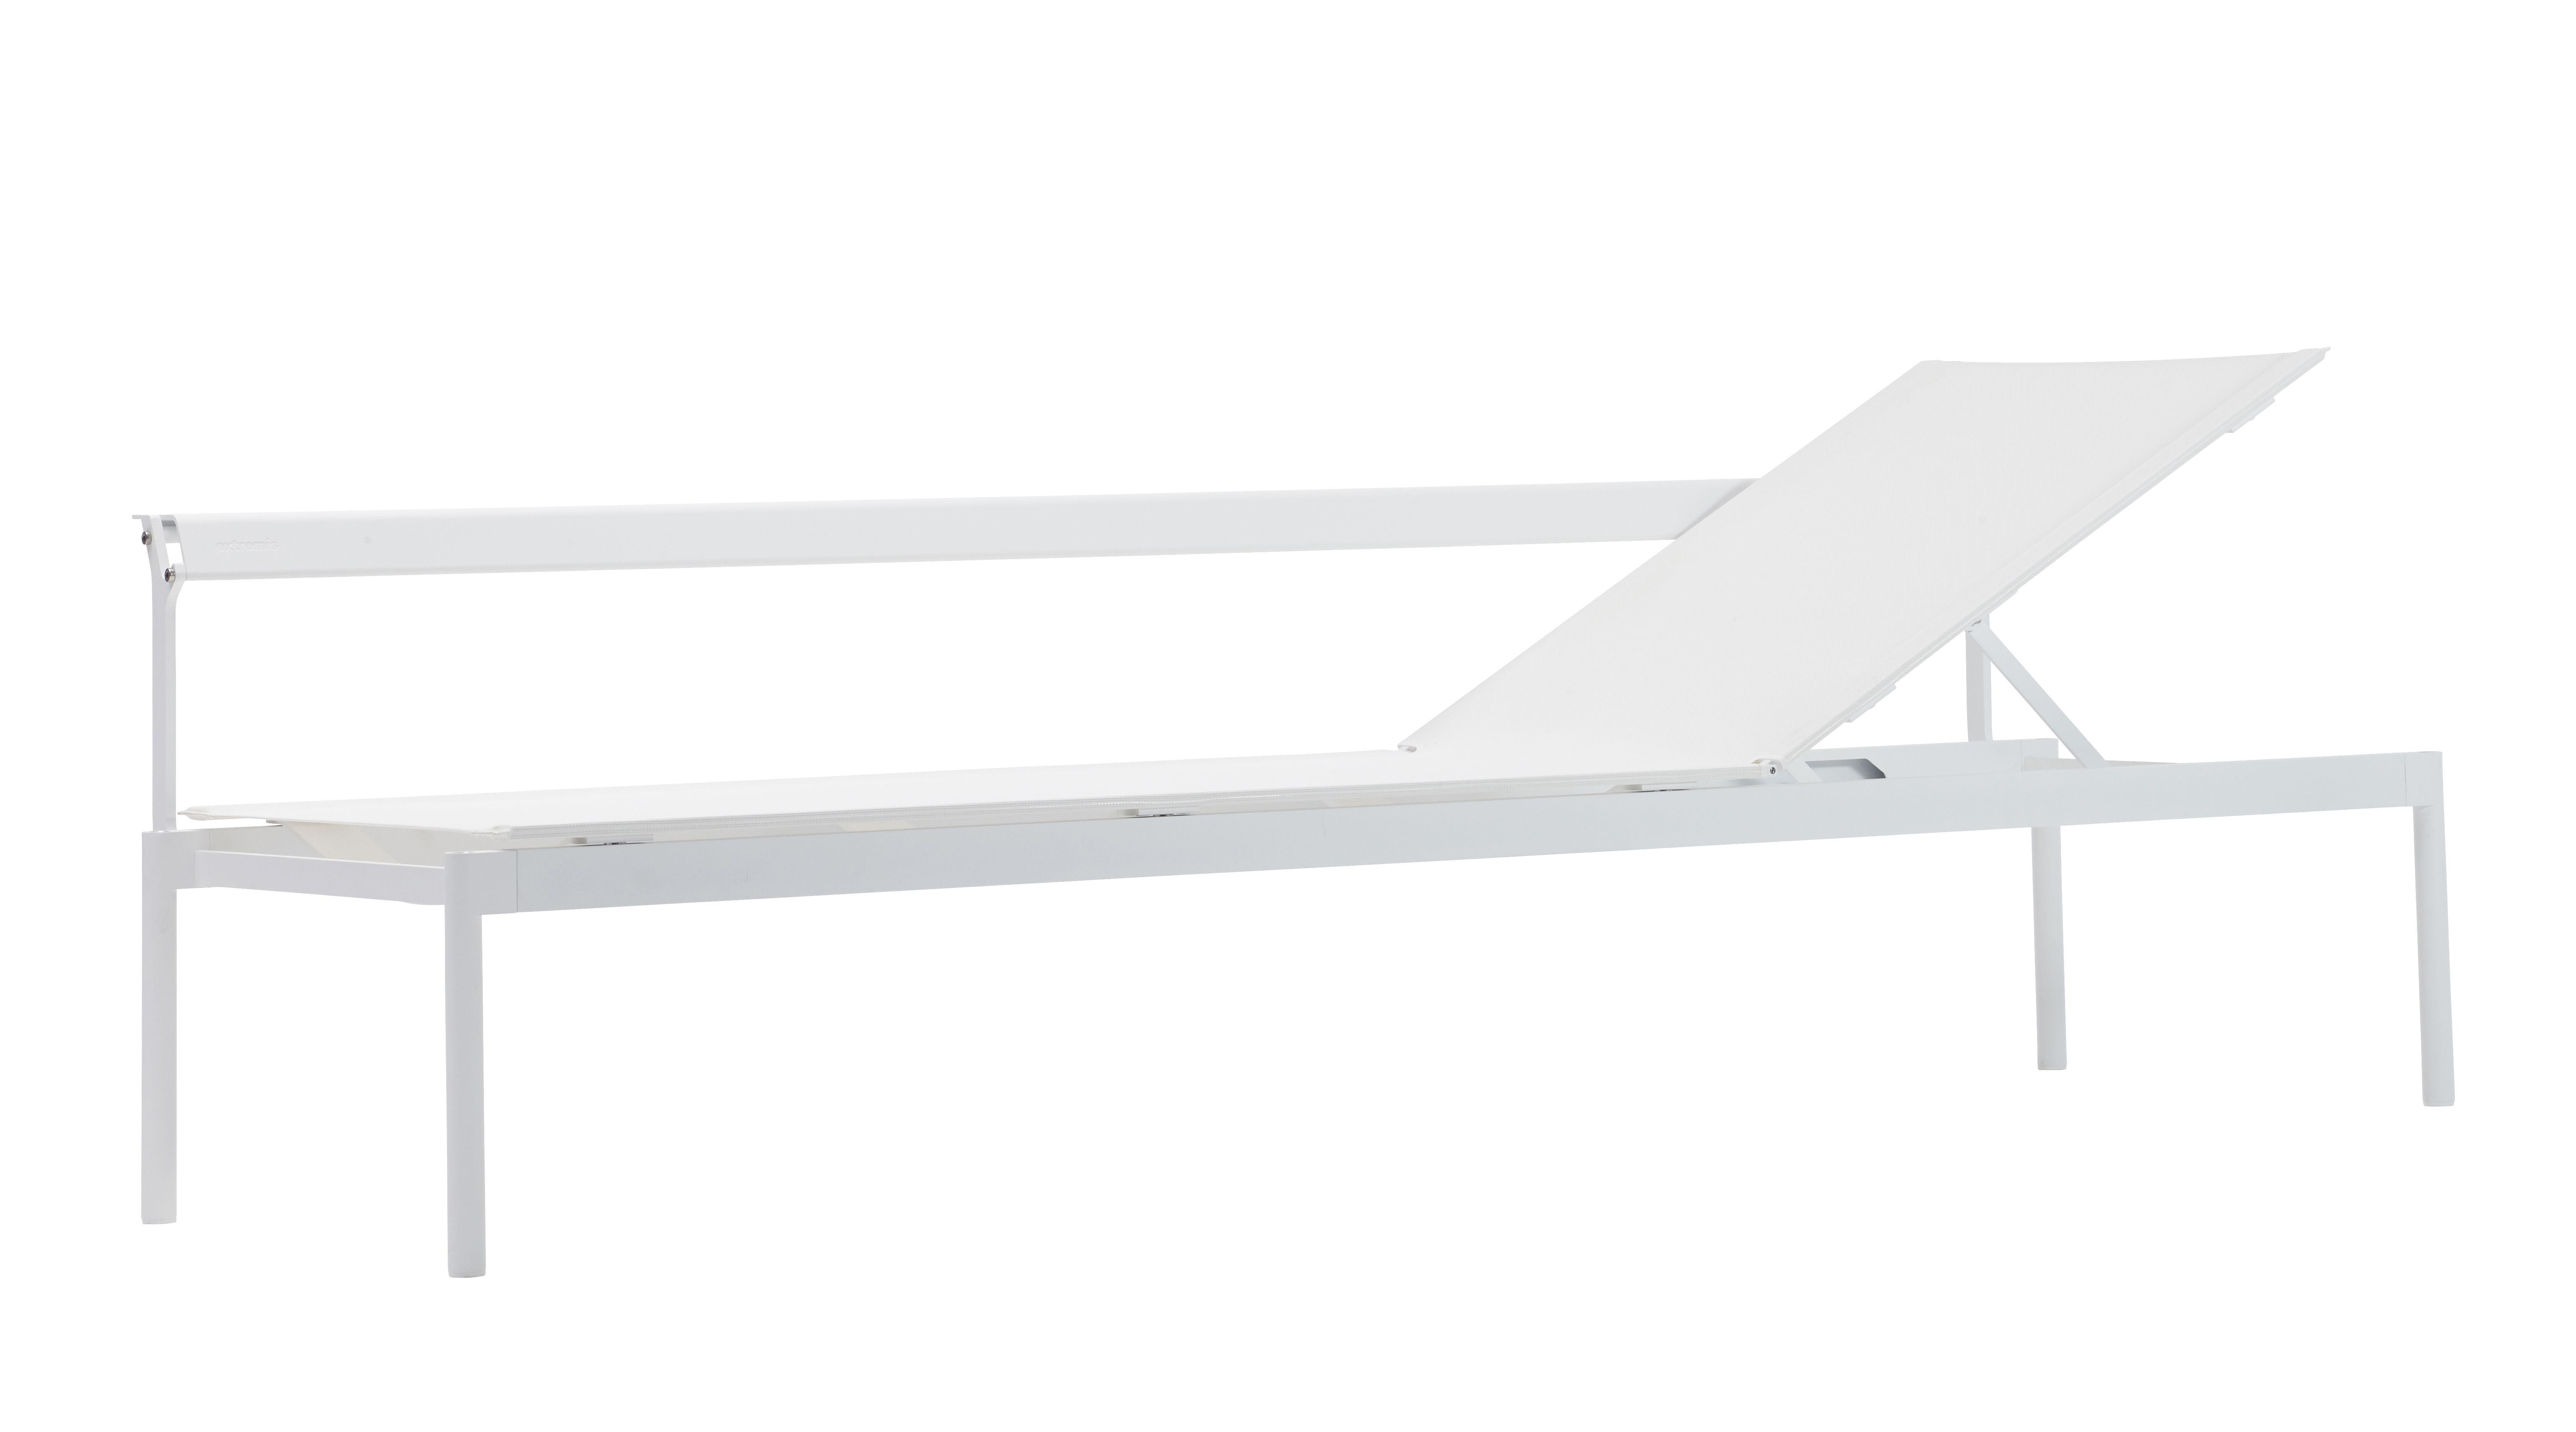 Outdoor - Chaises longues et hamacs - Bain de soleil Australis multiposition / Banquette 2-en-1 - Extremis - Blanc - Acier, Aluminium, Toile Batyline